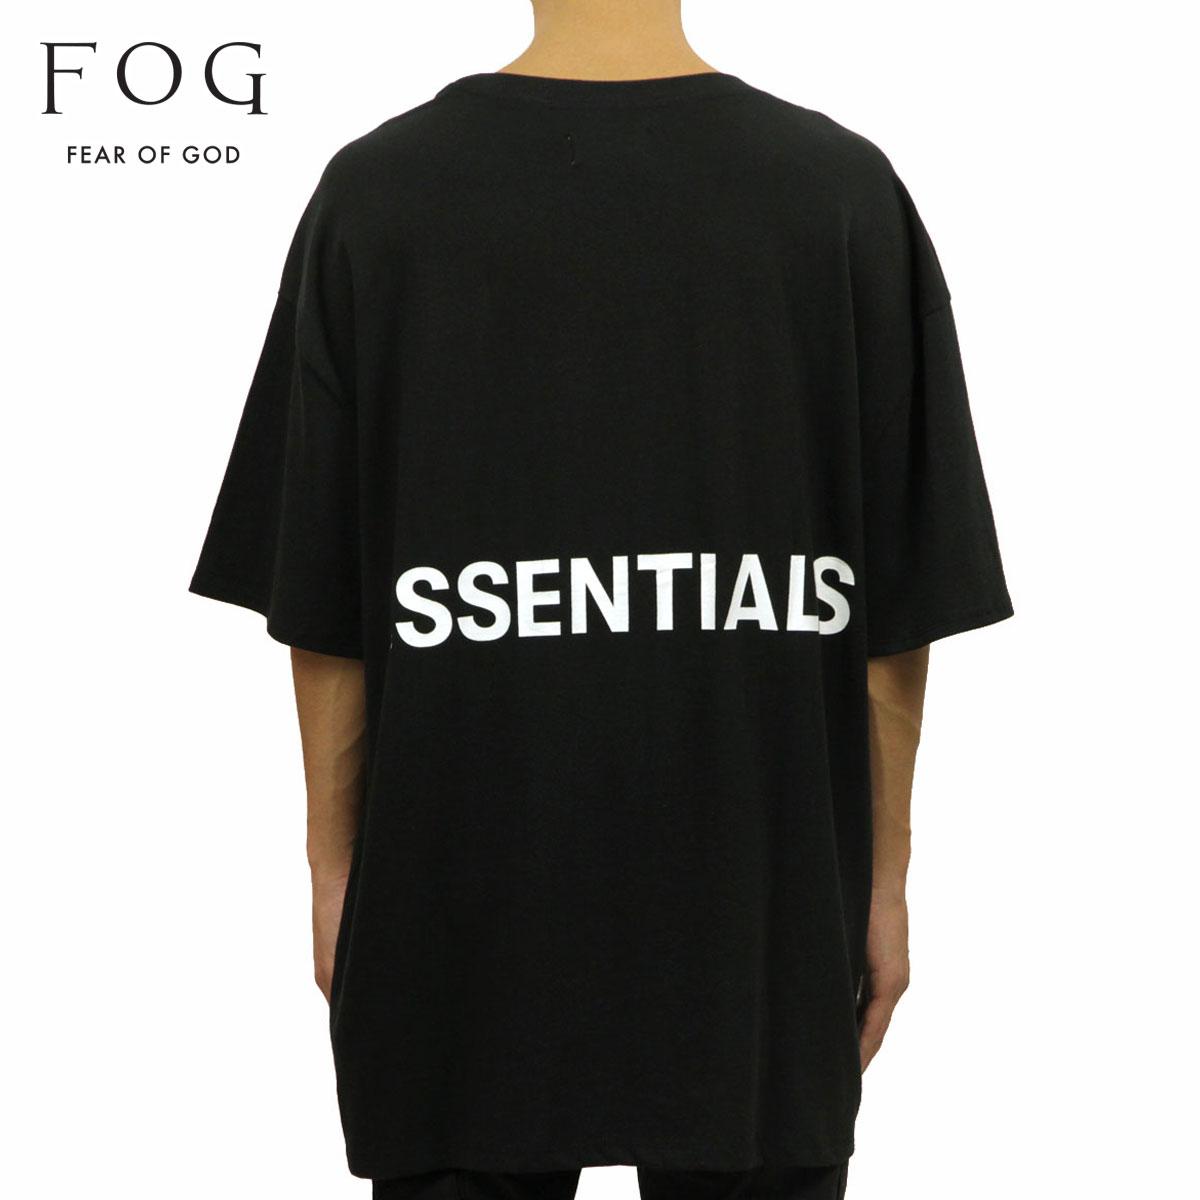 トップス, Tシャツ・カットソー  T FEAR OF GOD T FOG - FEAR OF GOD ESSENTIALS BOXY GRAPHIC T-SHIRT BLACK